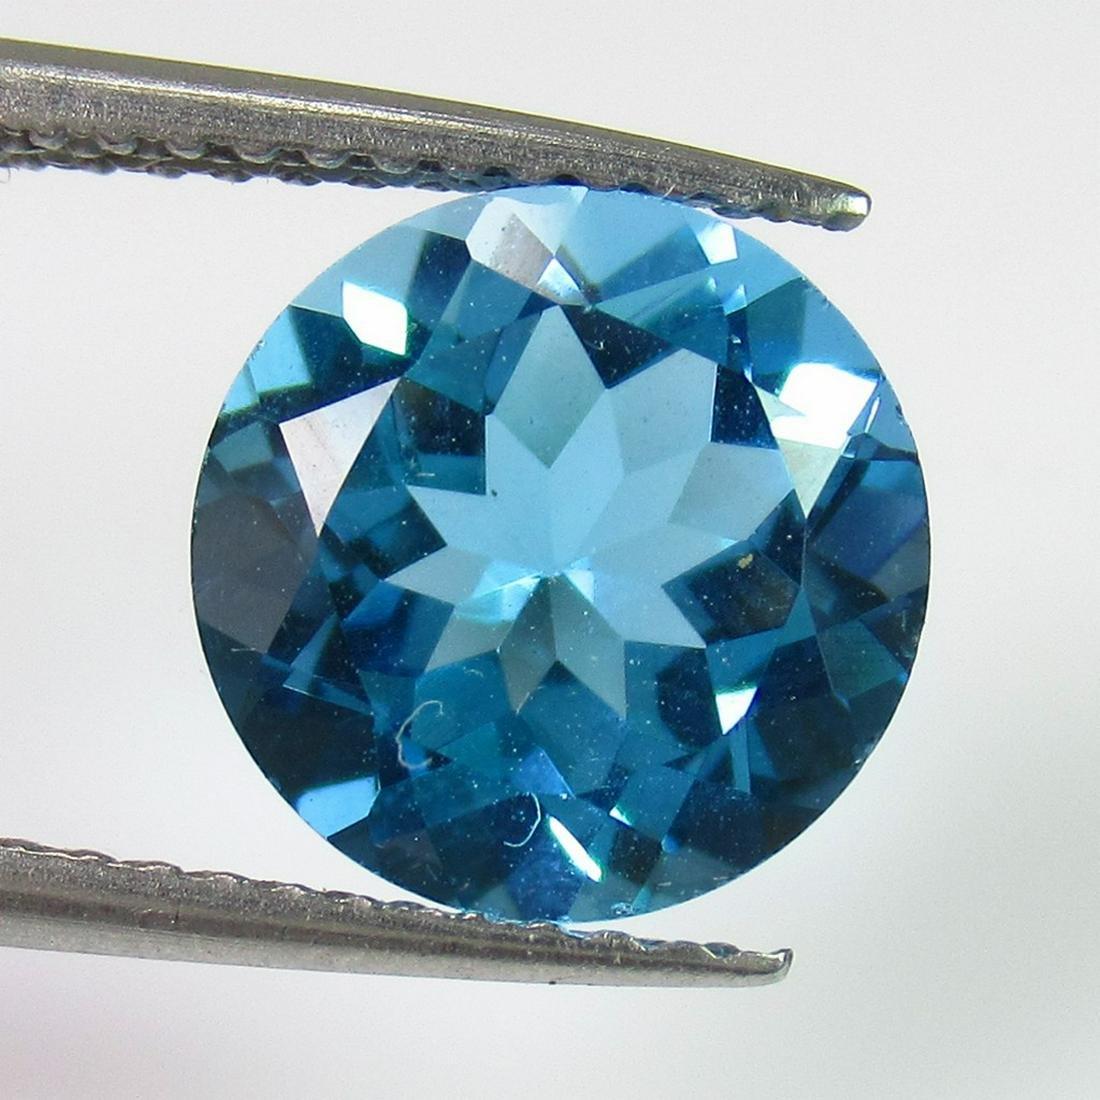 3.11 Ct Genuine Swiss Blue Topaz Round Cut